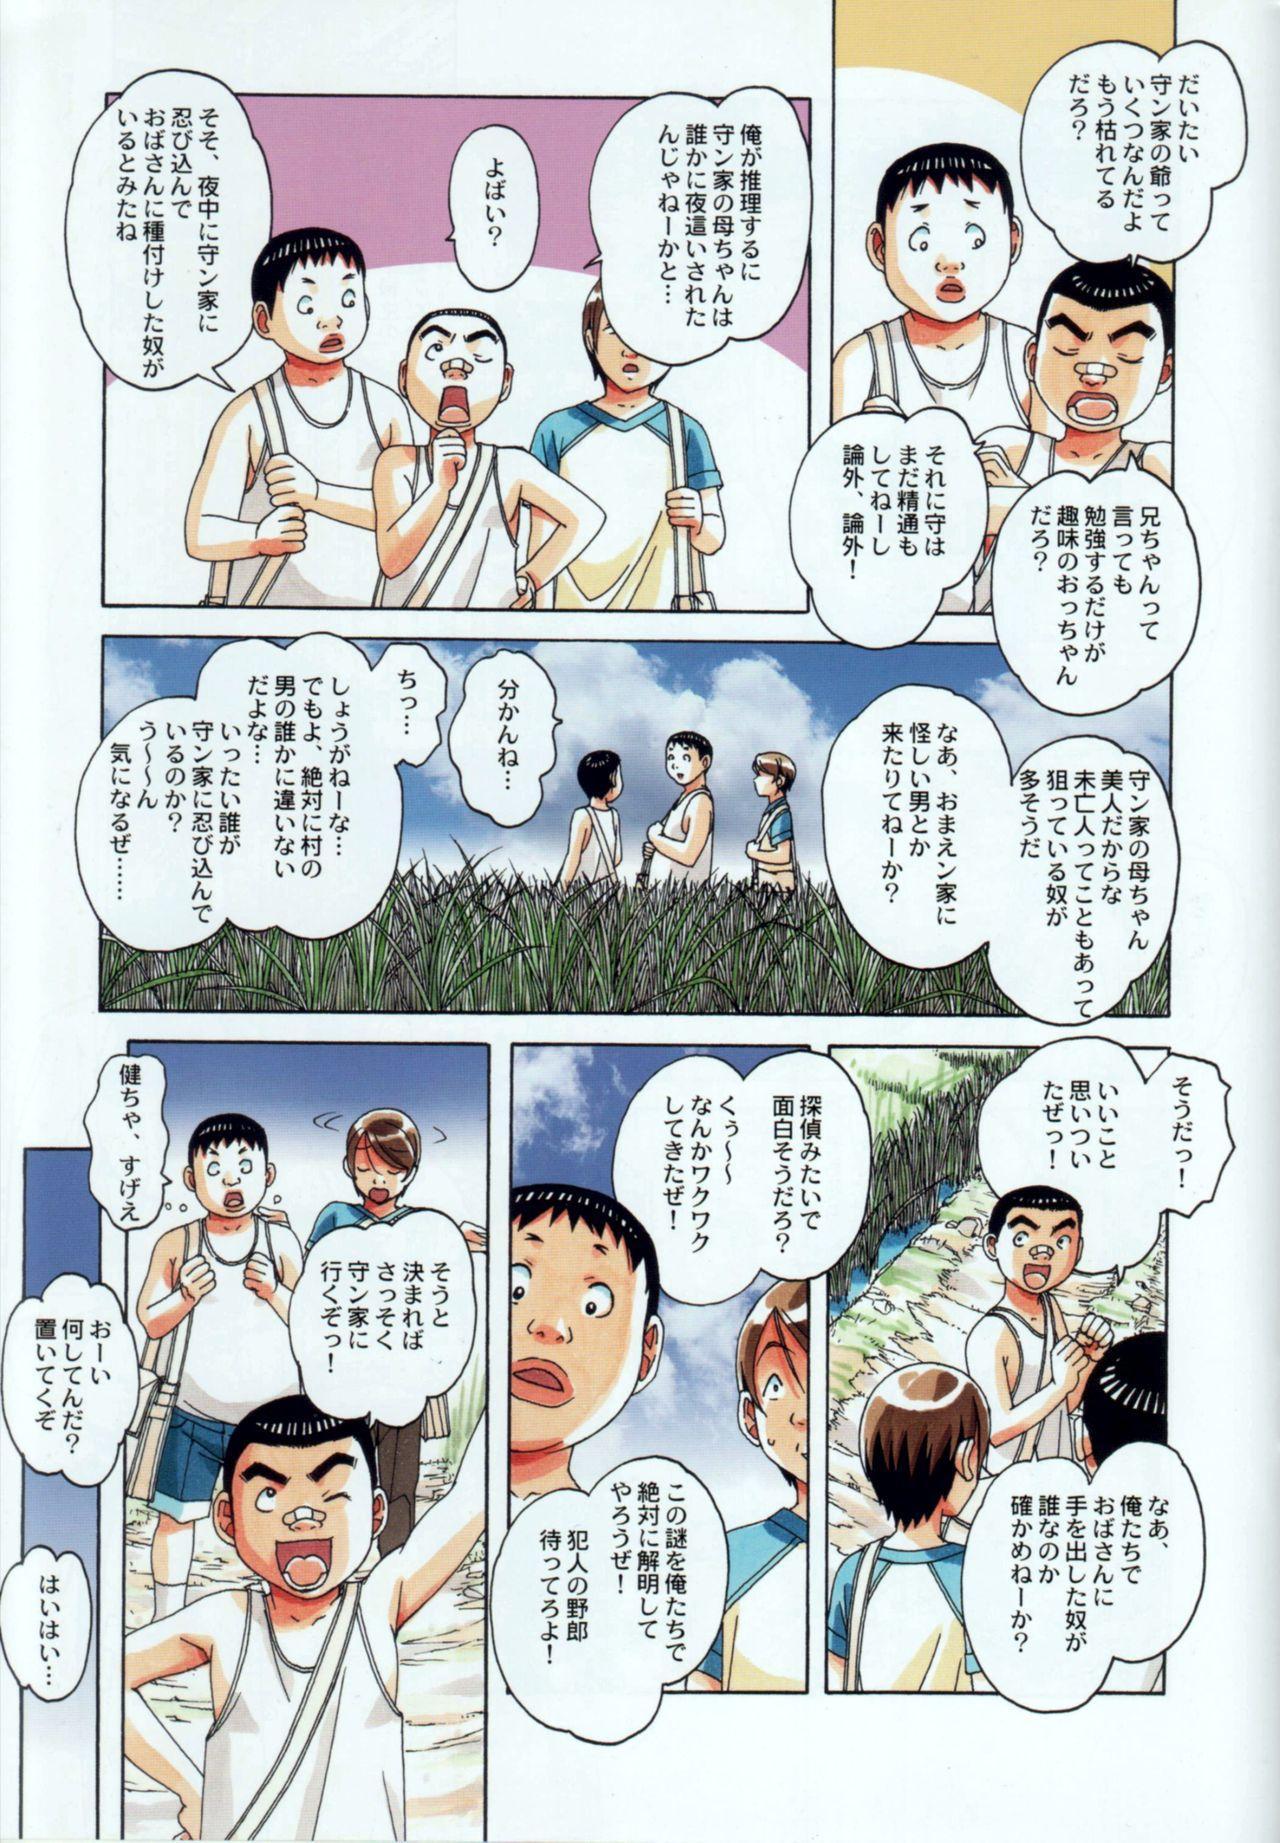 Kainuma Mura no Seikatsu Jijou 1 Gifuyome Chigusa 10